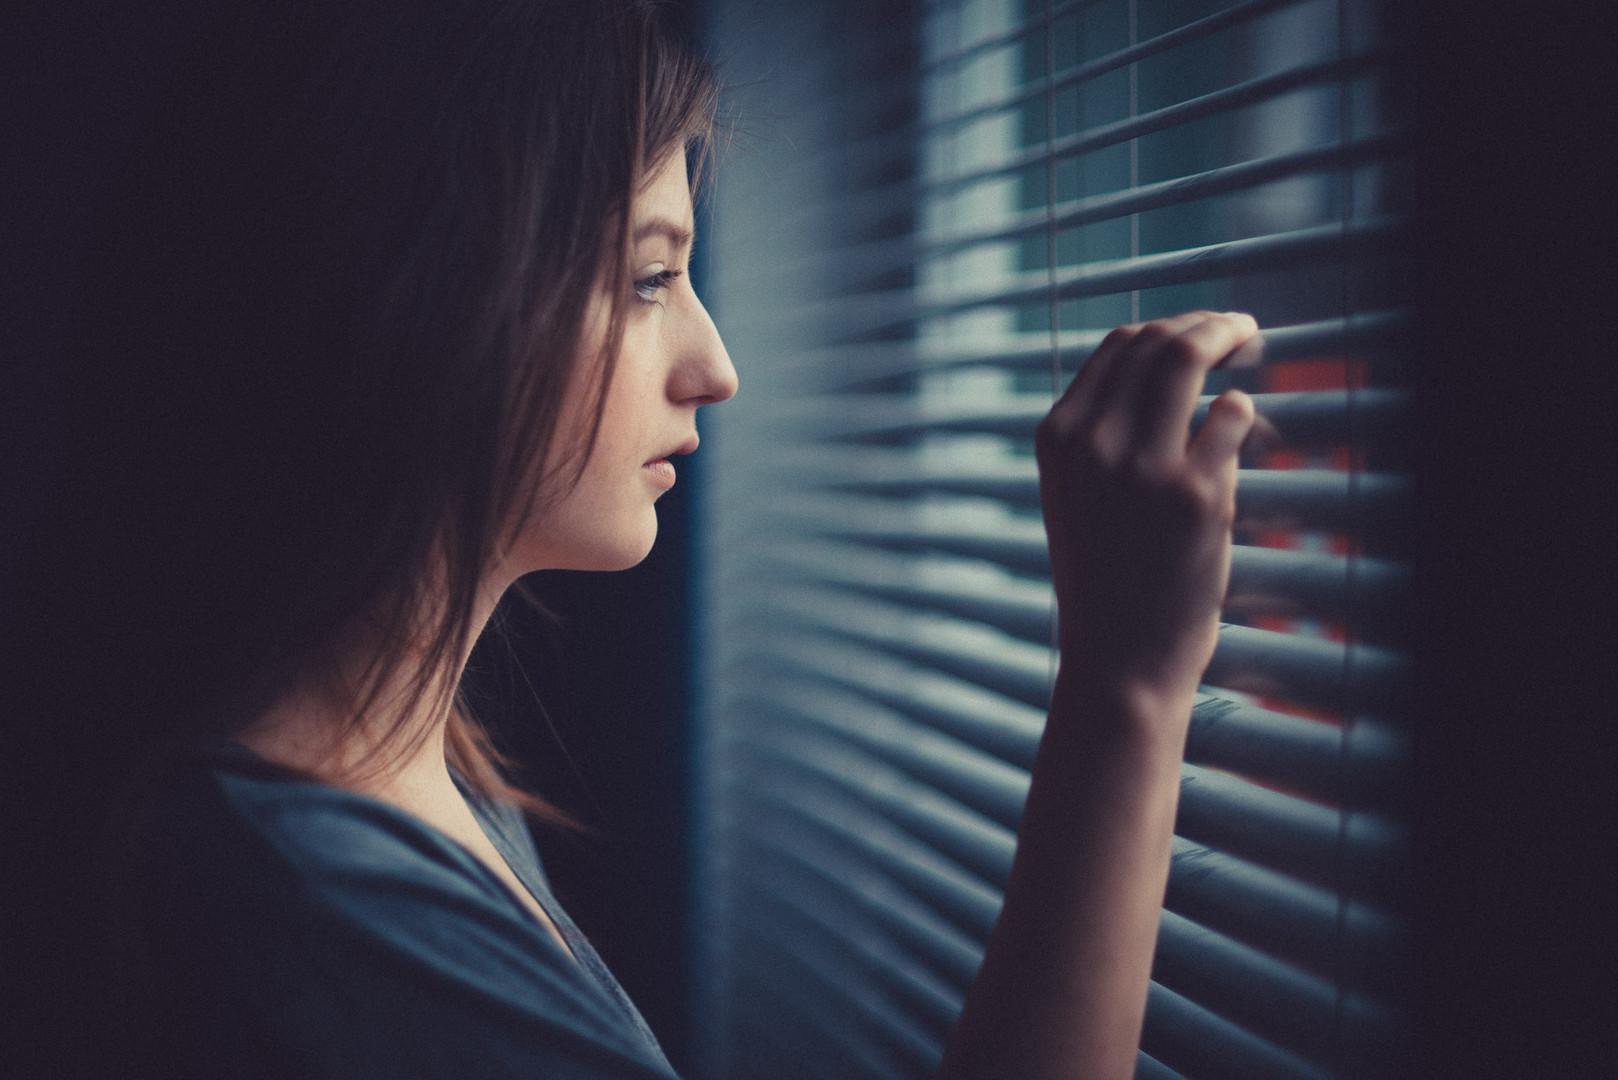 Trister Tag vor dem Fenster